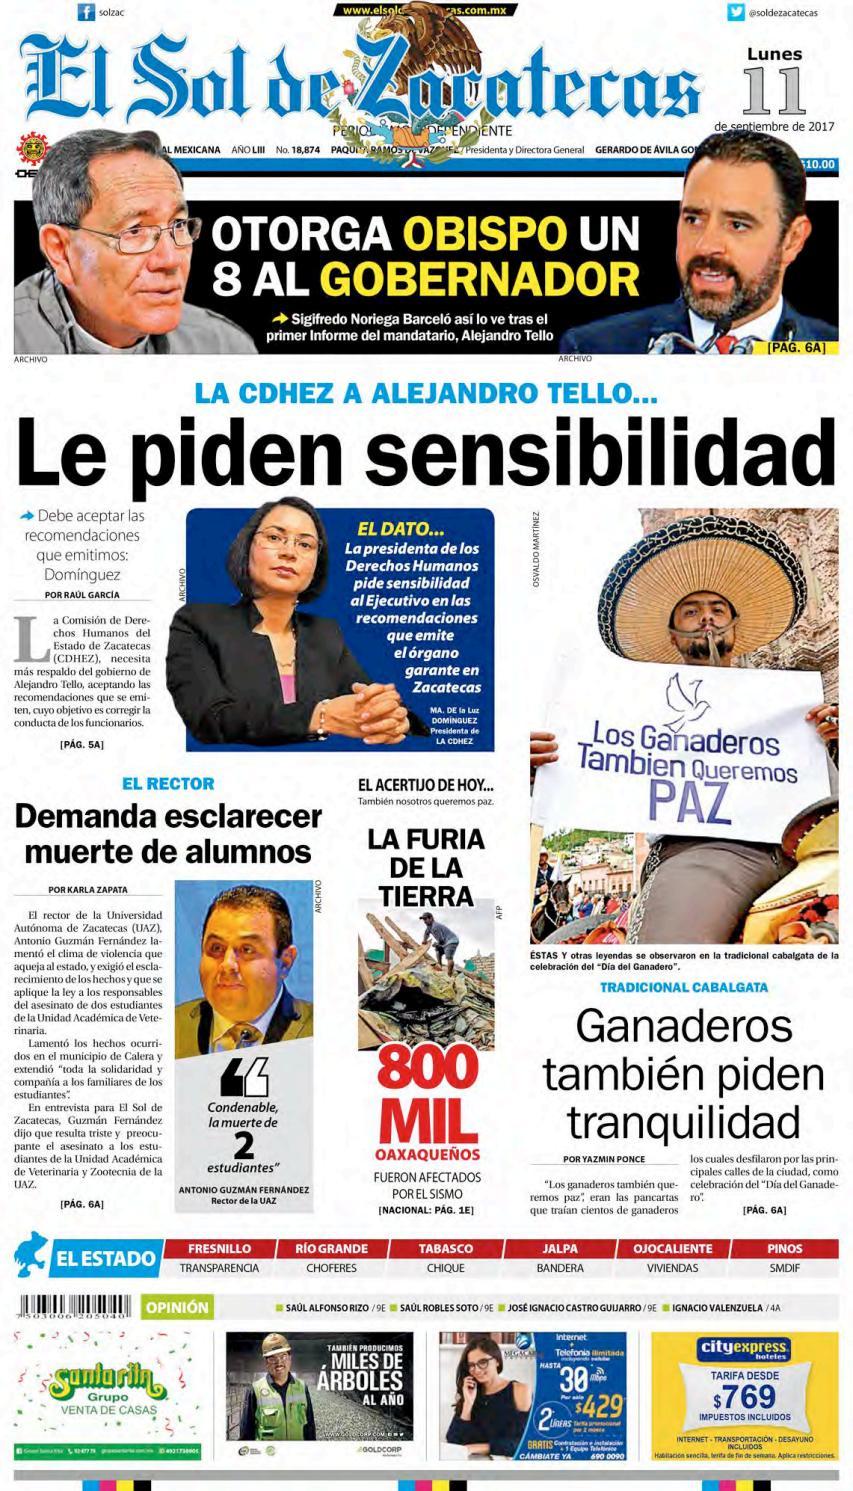 El Sol de Zacatecas 11 de septiembre 2017 by El Sol de Zacatecas - issuu eee4fb5f131f